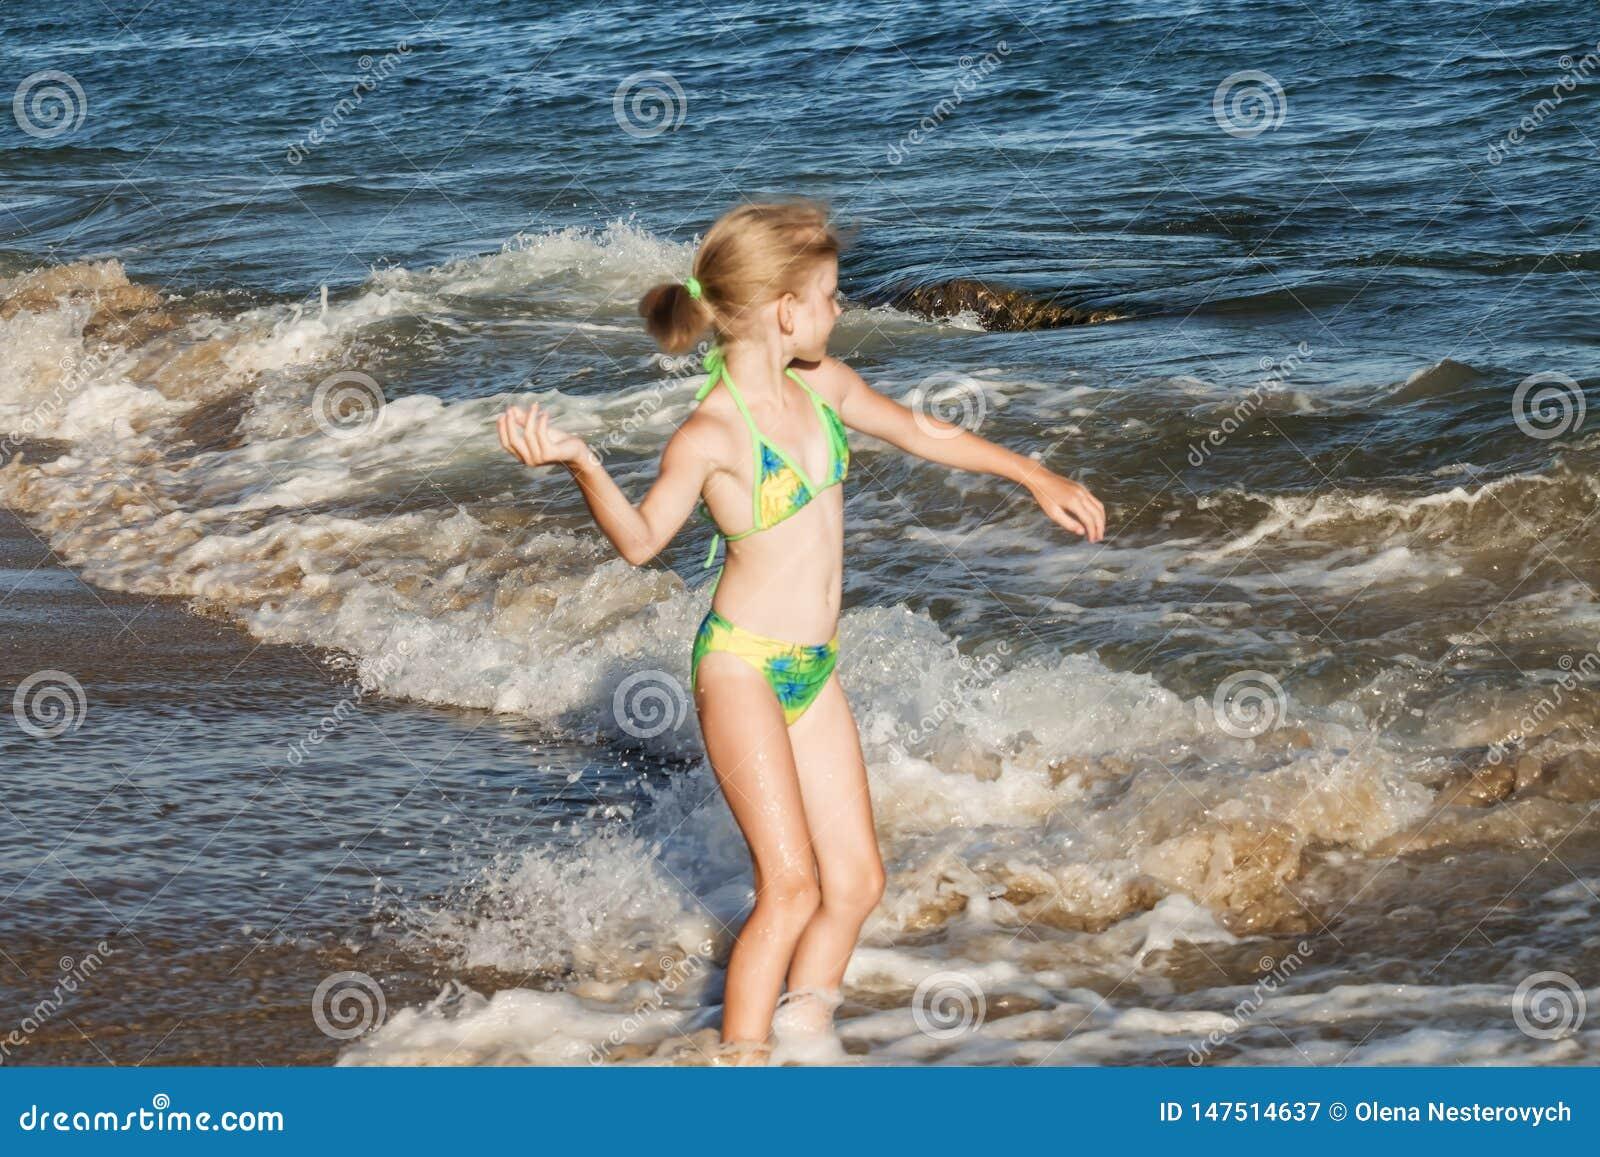 La belle et heureuse fille dans un maillot de bain vert jette un caillou en mer, concept de plage